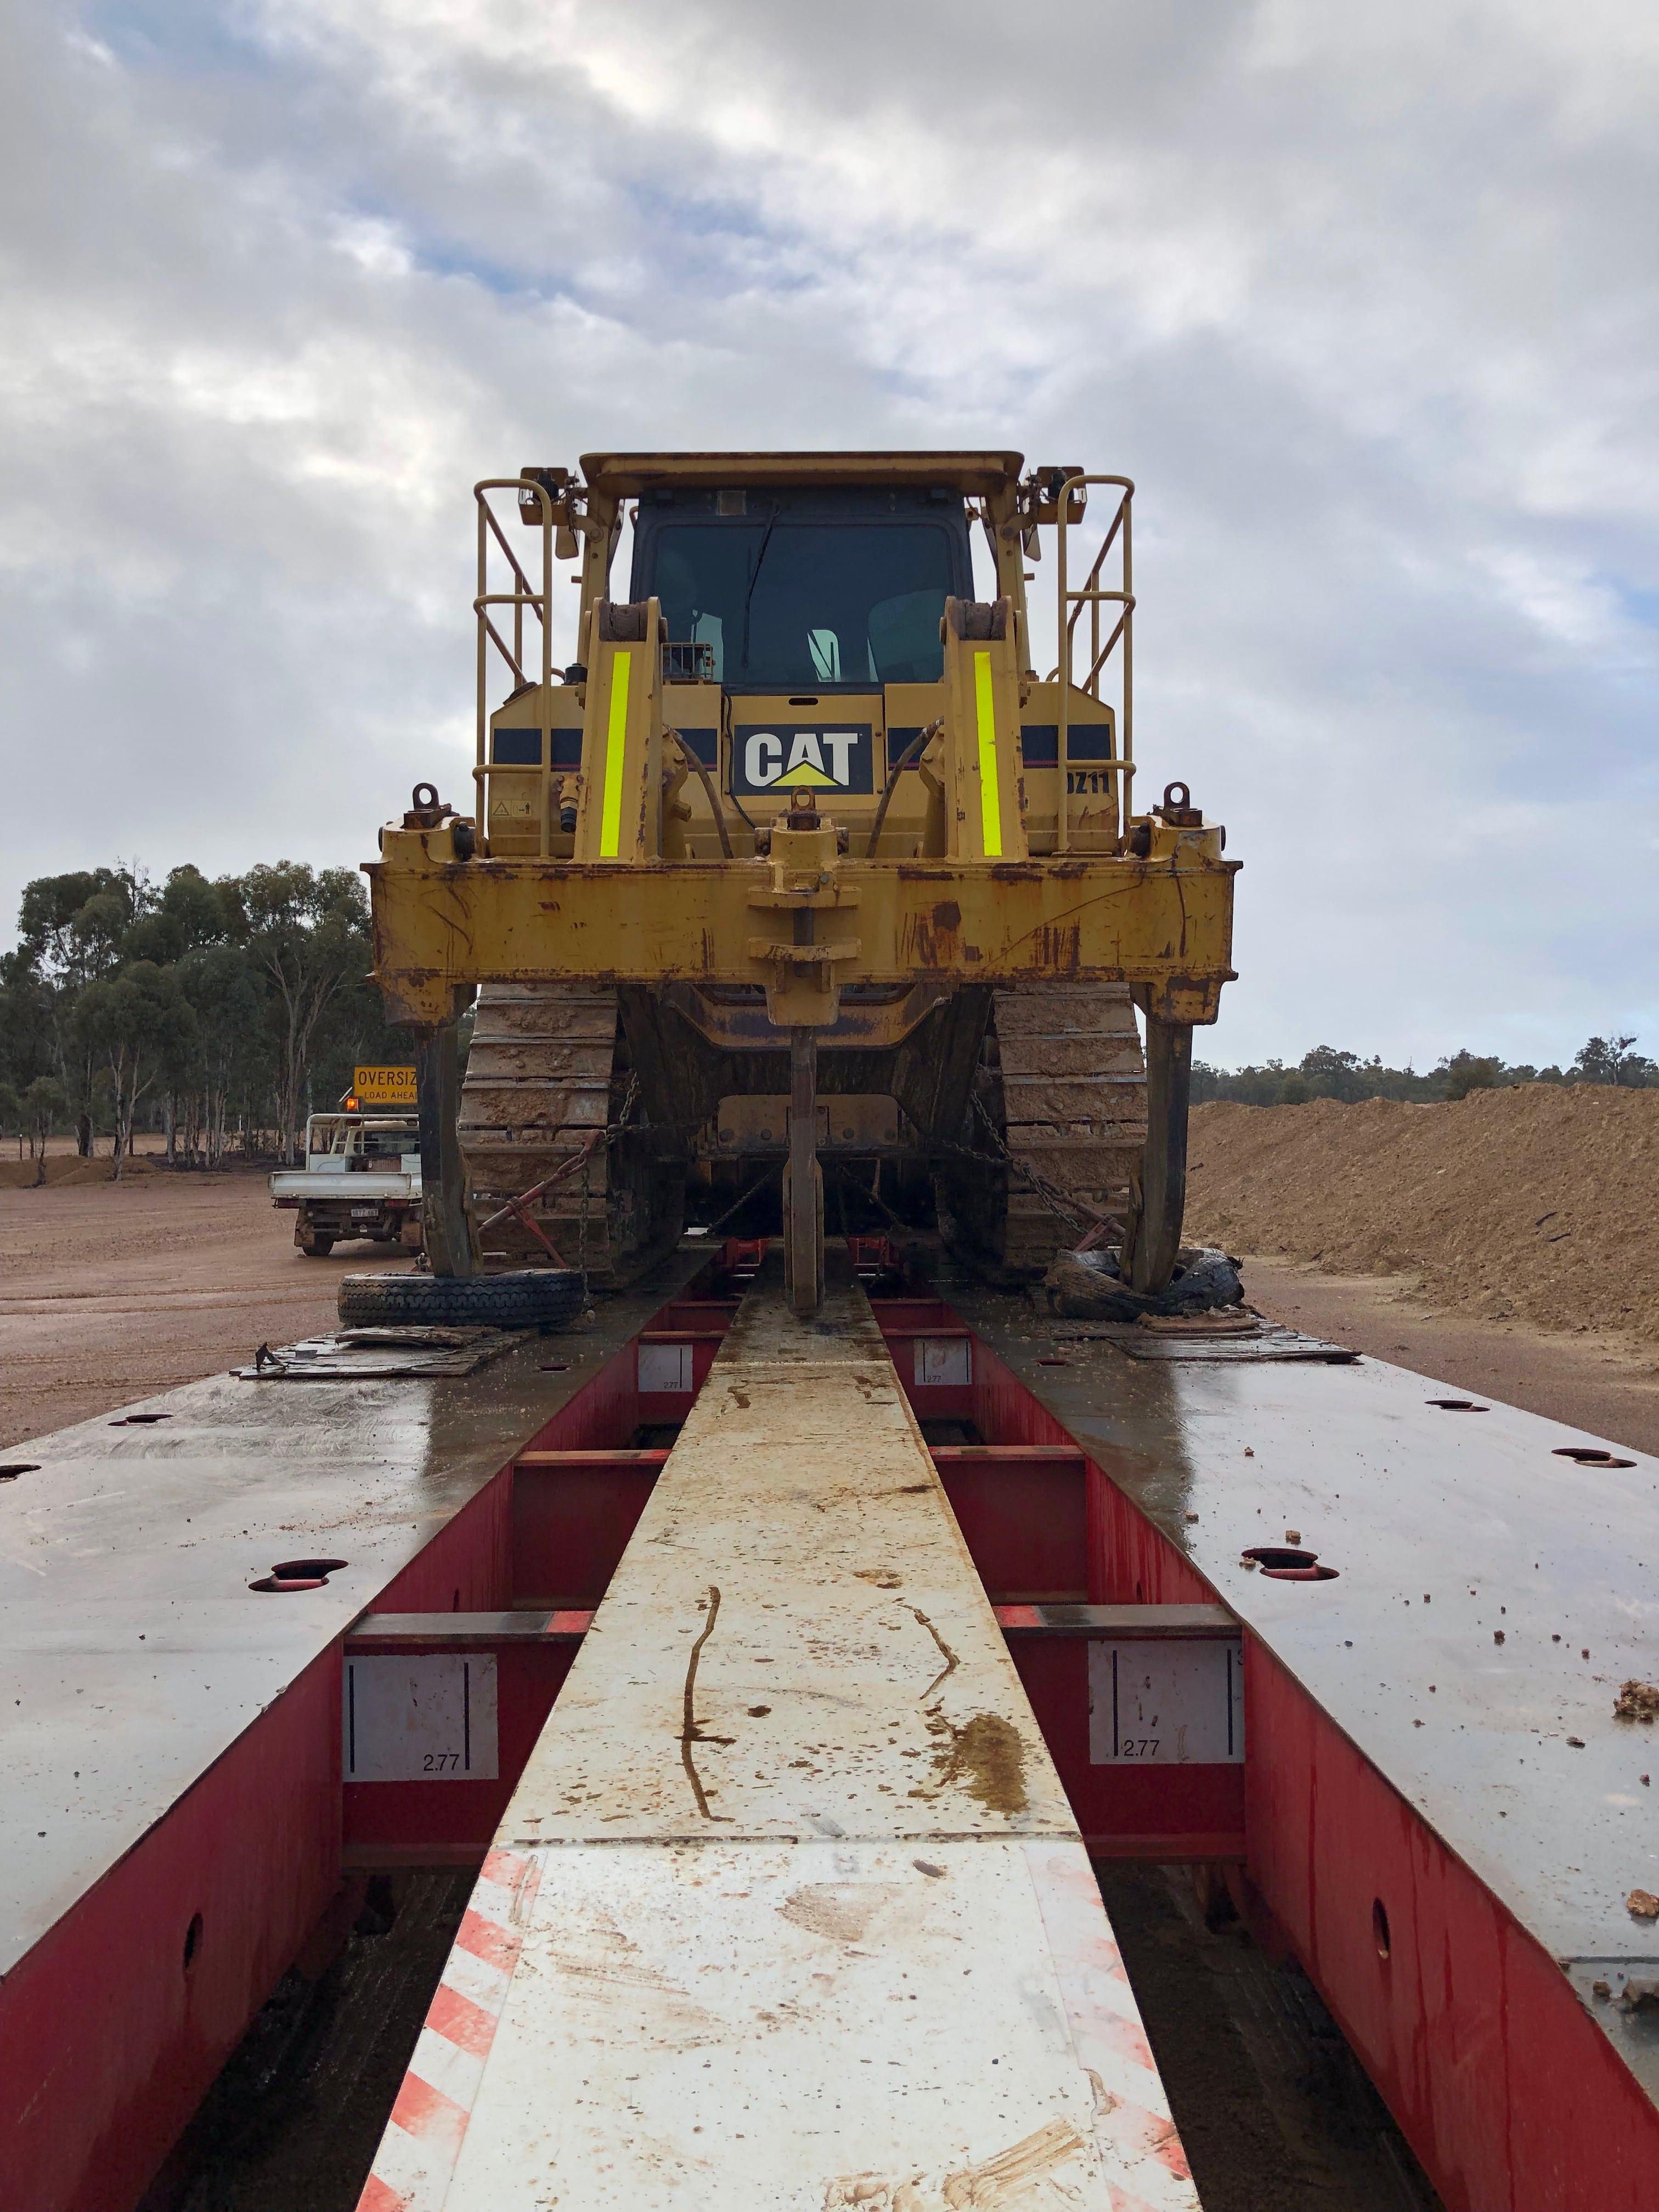 vernice-D9-dozer-hire-perth-western-australia